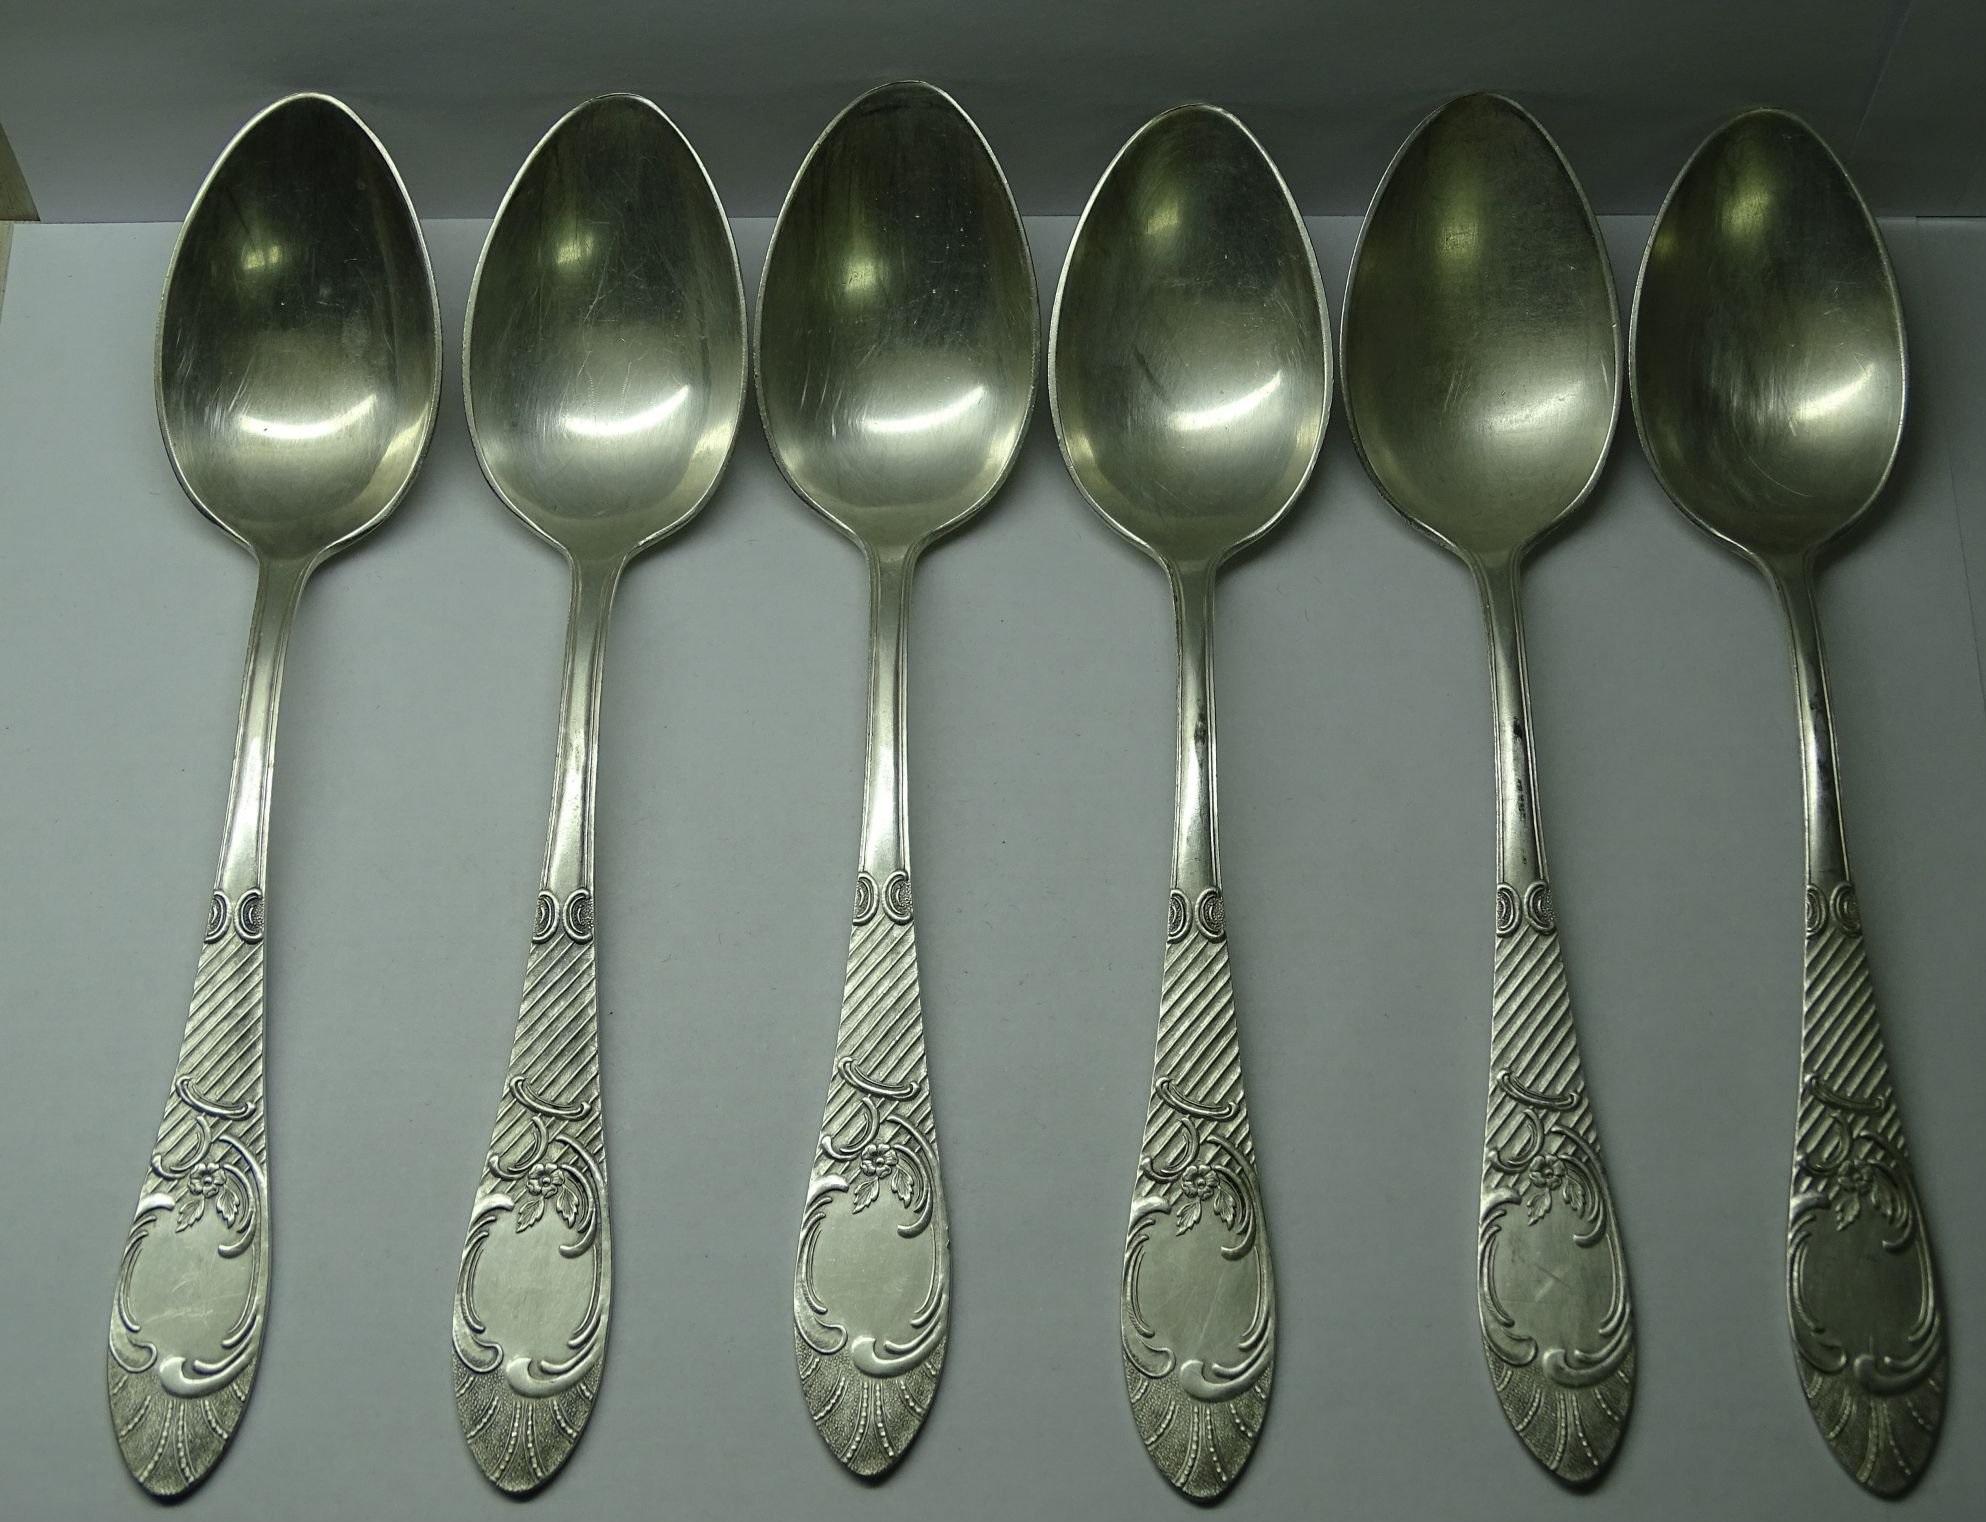 серебрянные ложки